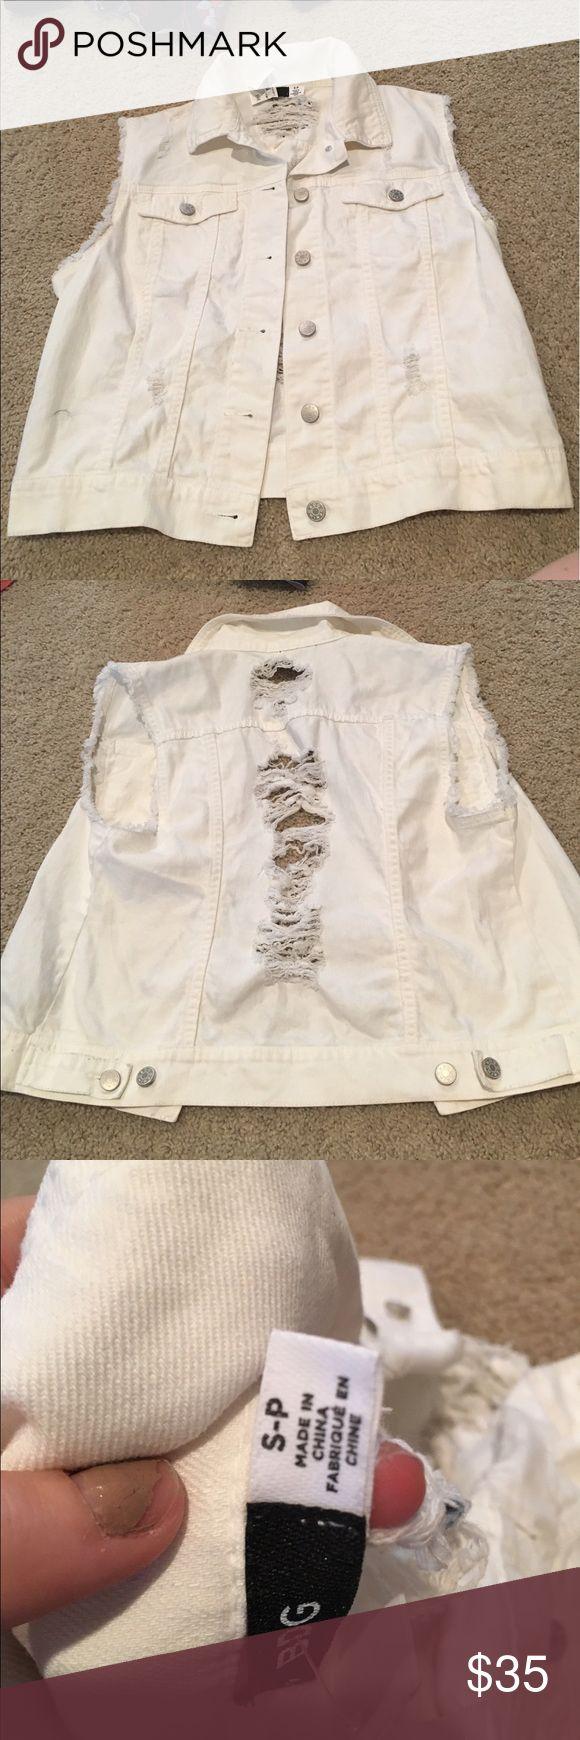 White sleeveless denim jacket never worn White sleeveless denim jacket never worn Urban Outfitters Jackets & Coats Vests